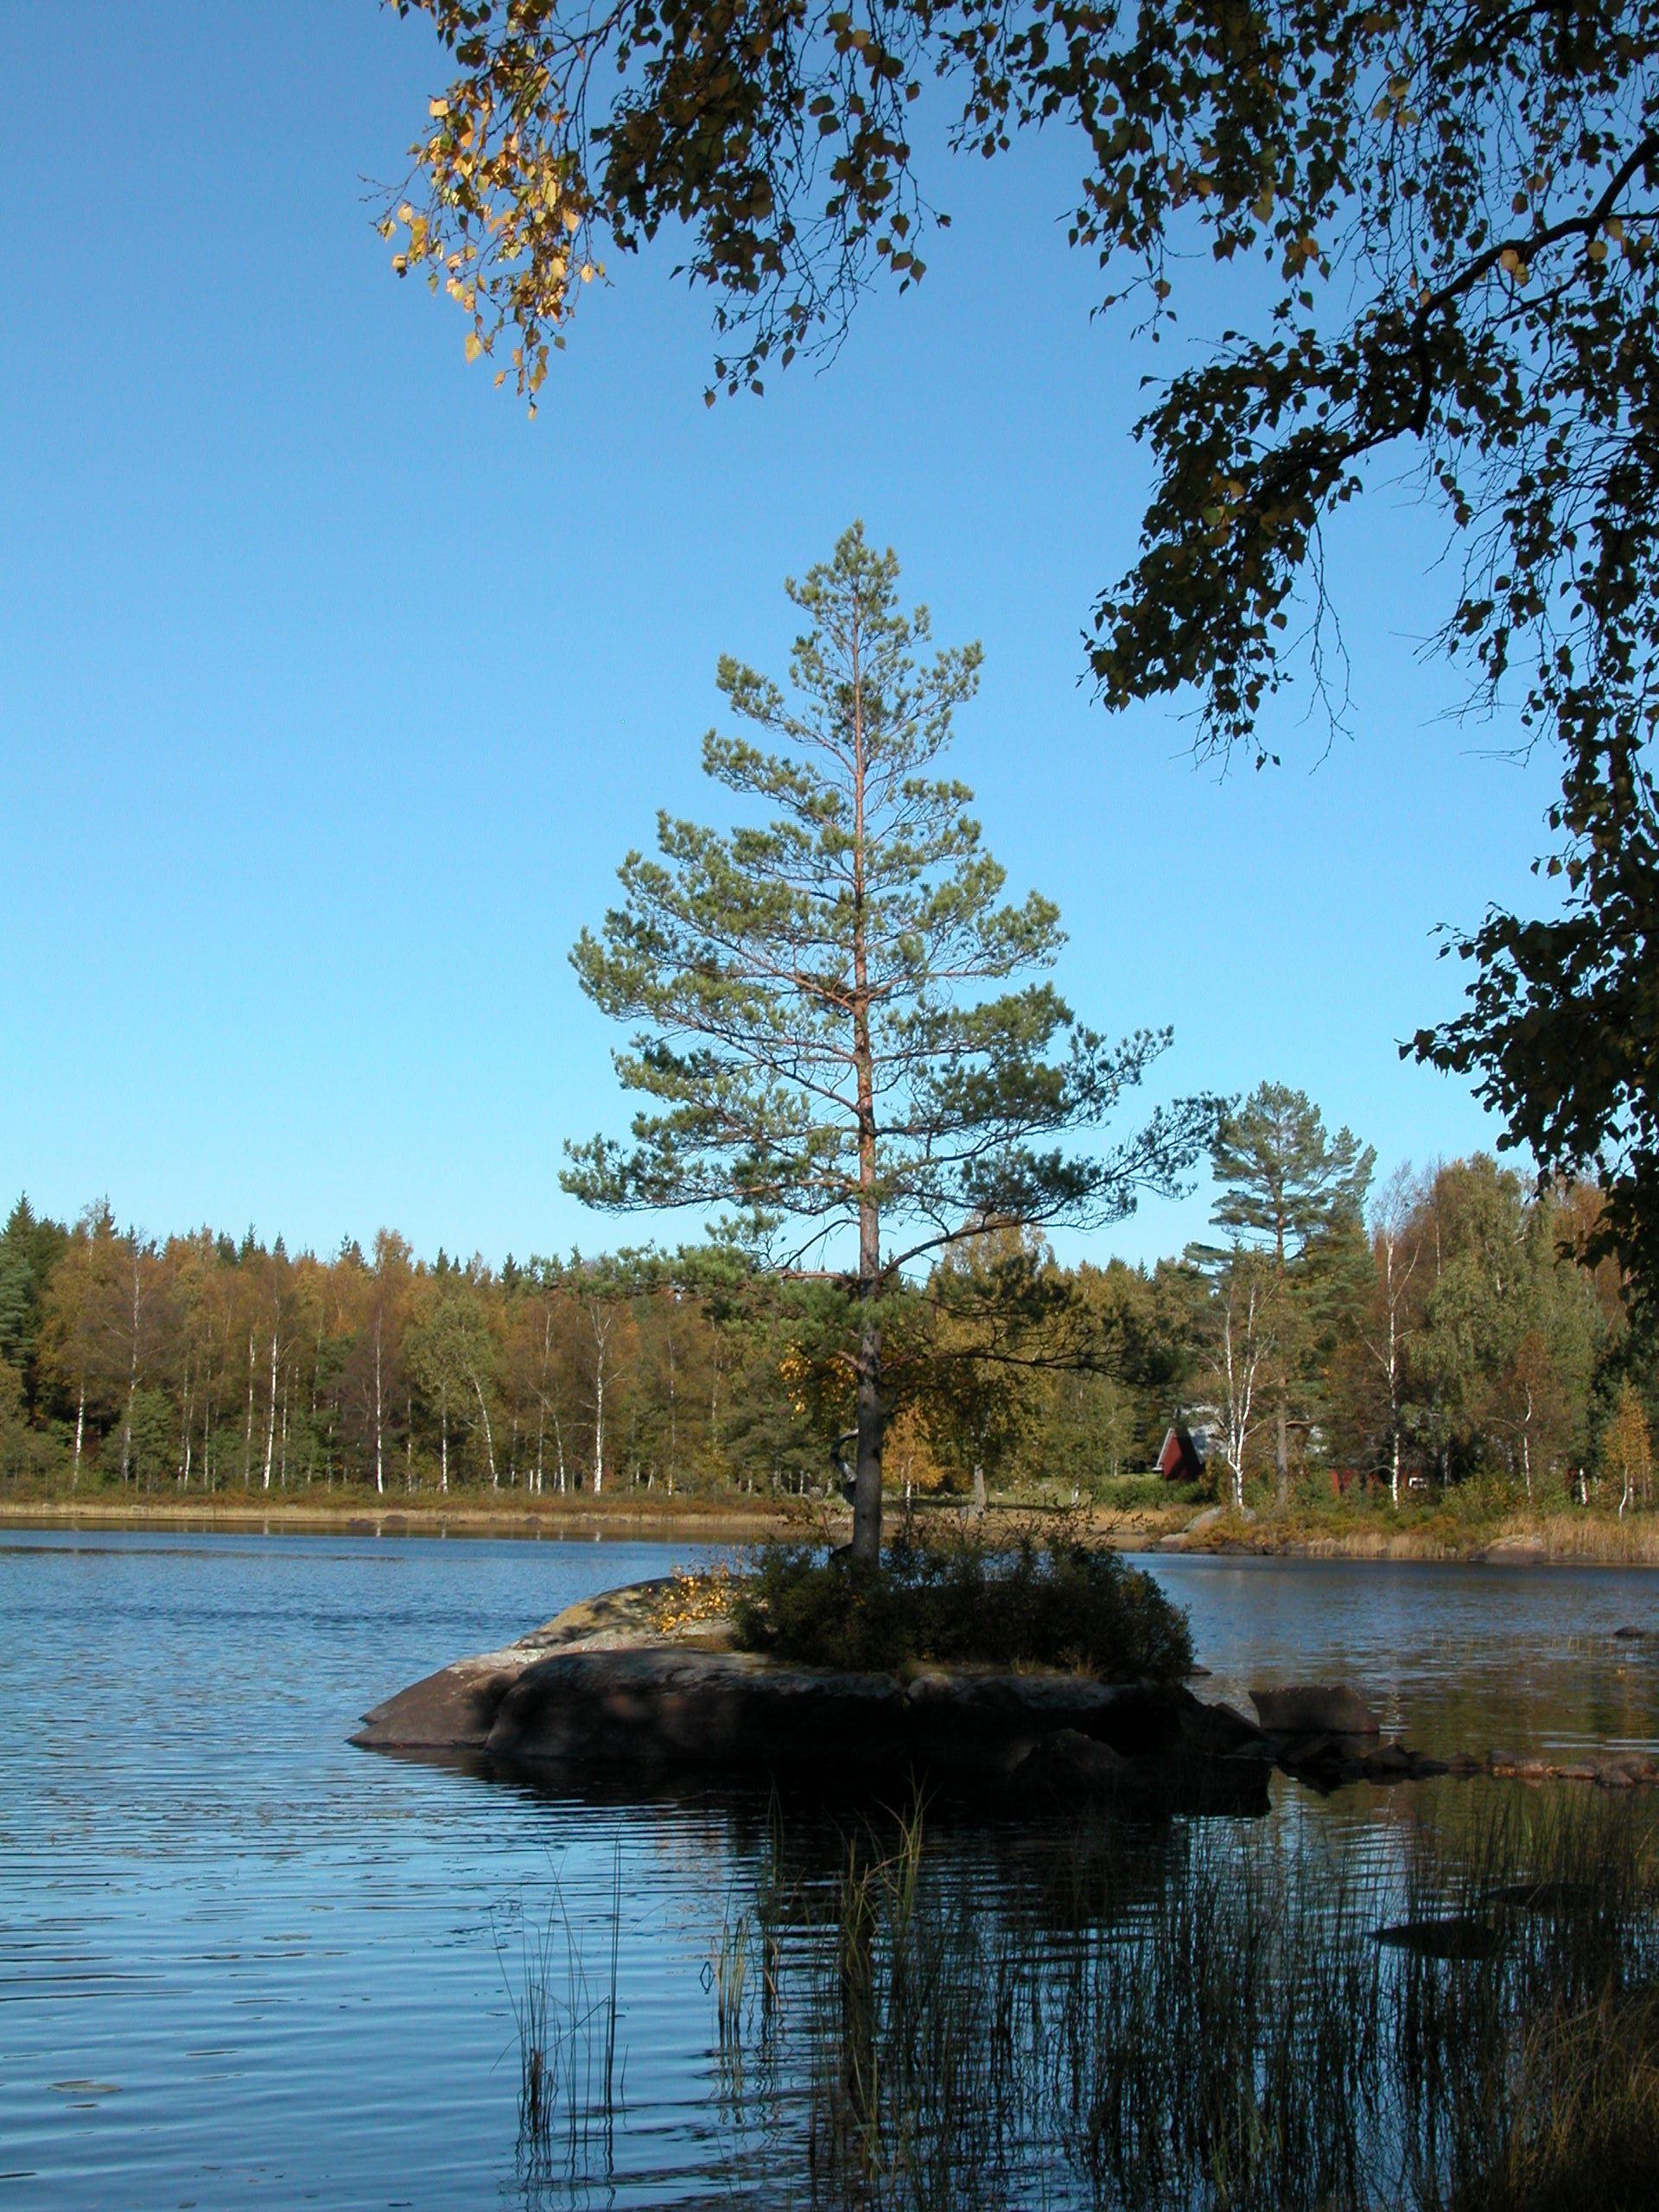 Per Olof Peterson, Iglasjön